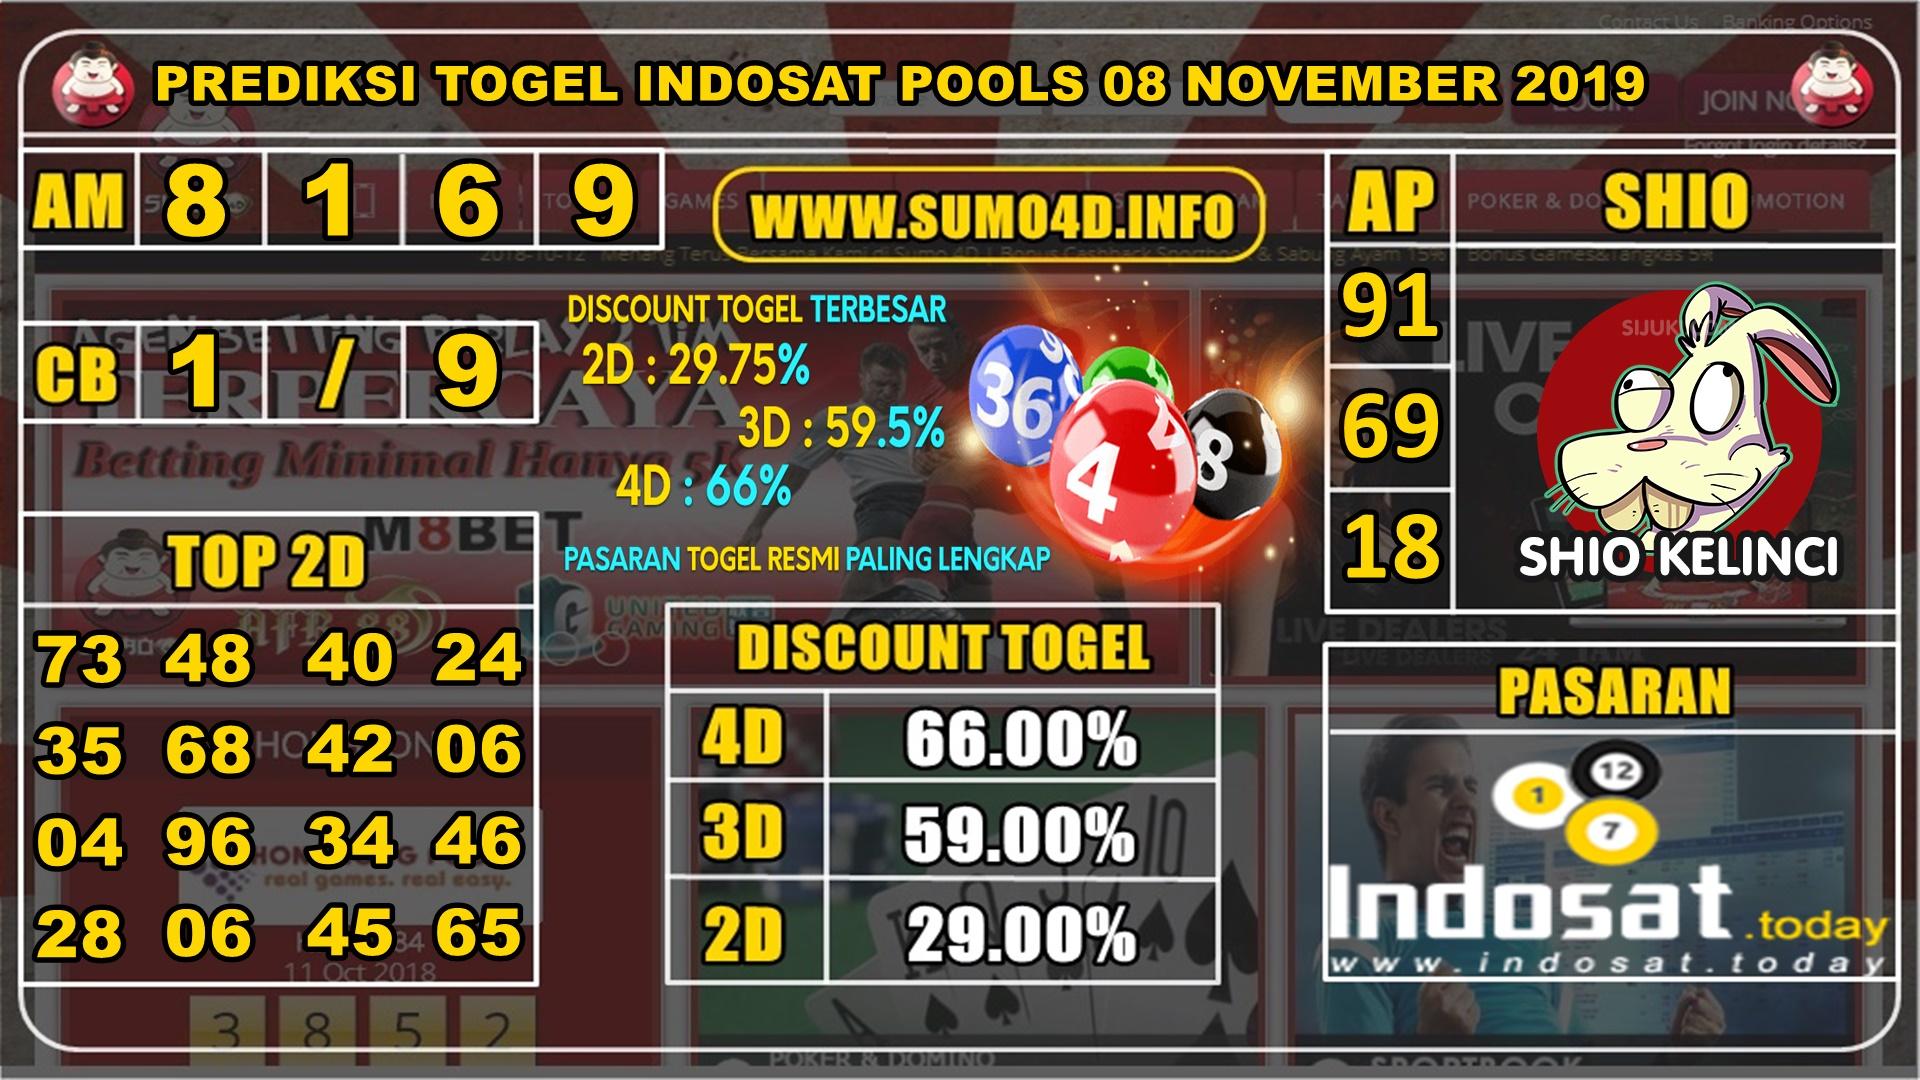 PREDIKSI TOGEL INDOSAT POOLS 08 NOVEMBER 2019